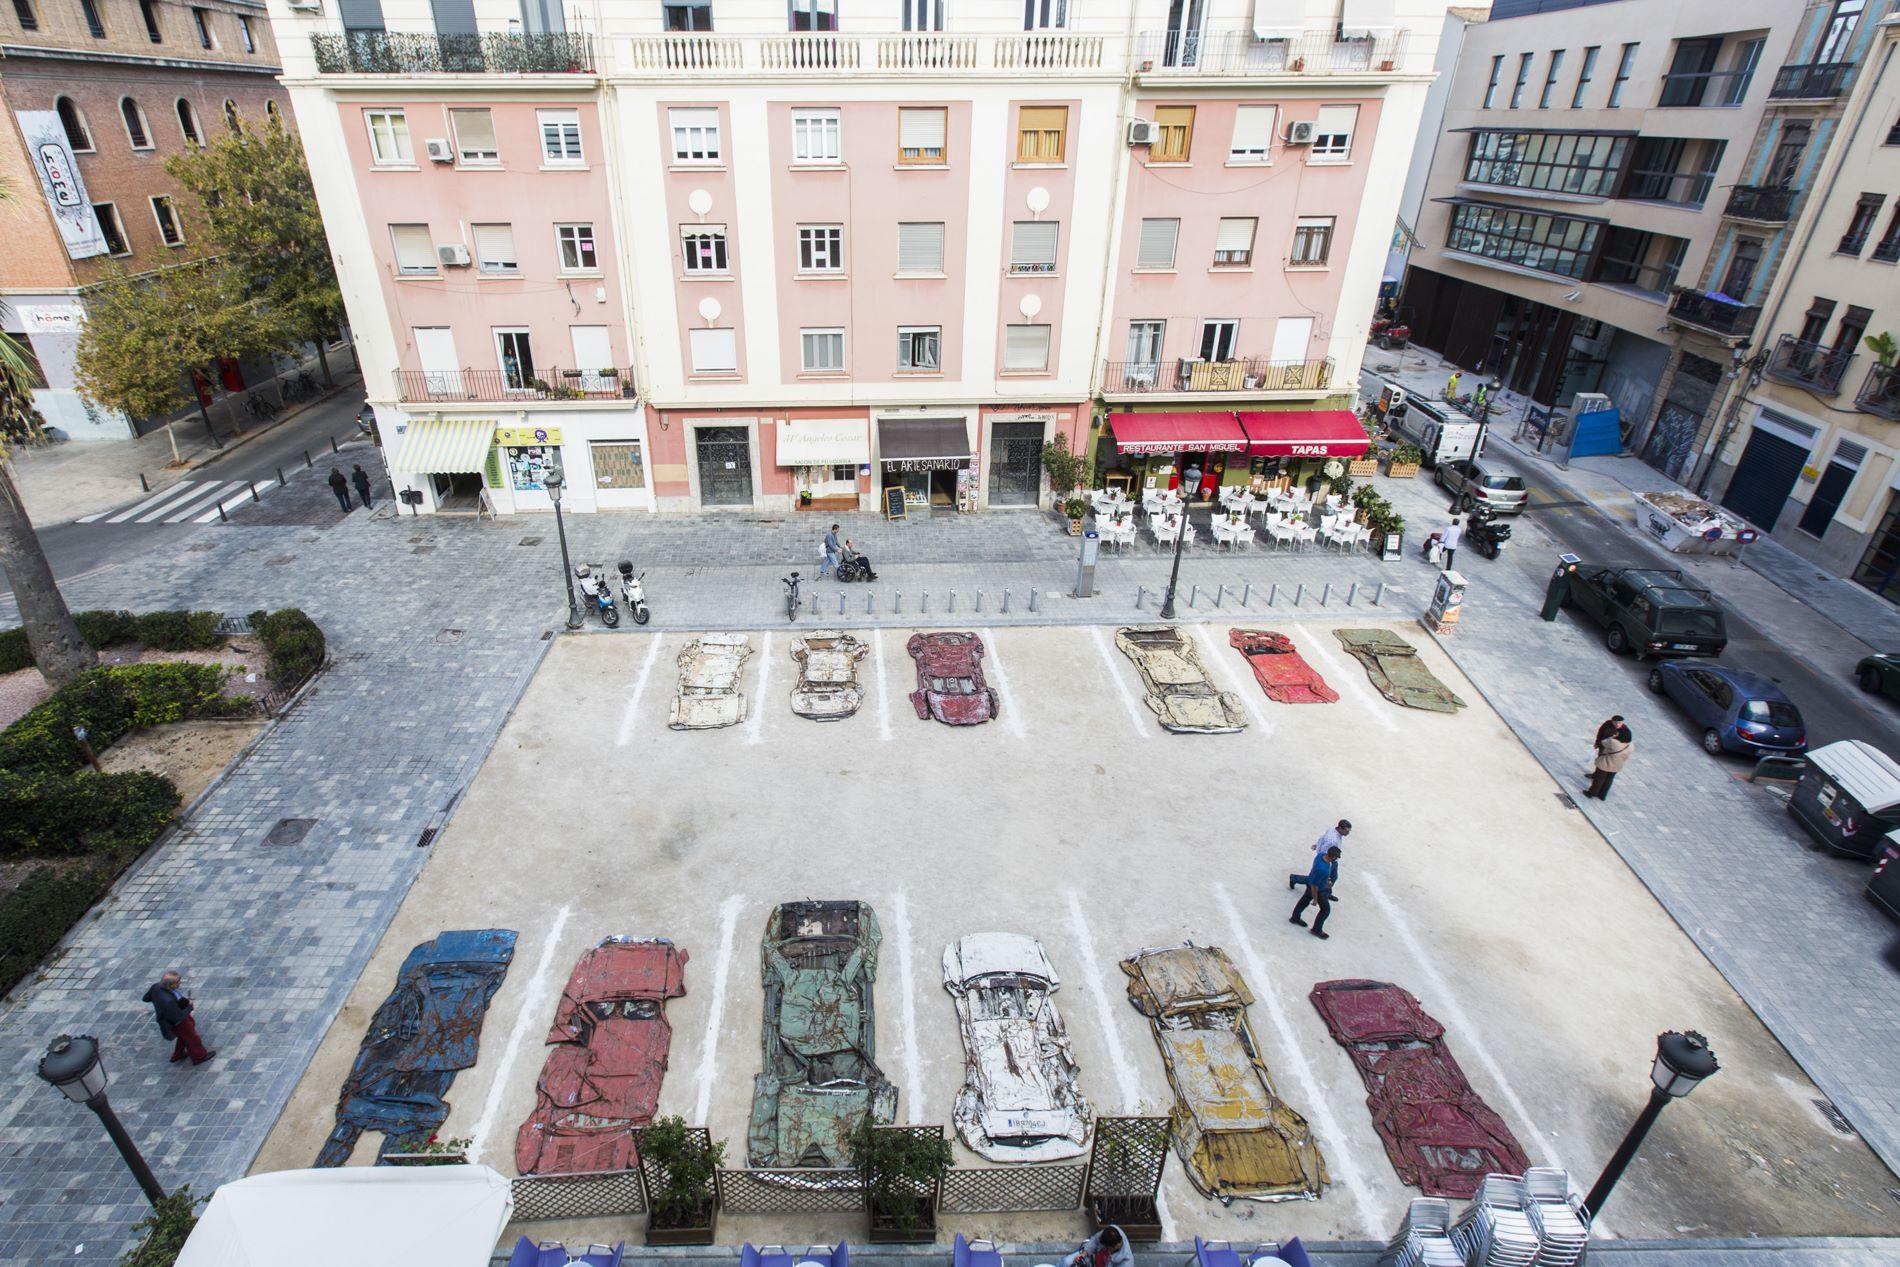 Una pintada en el suelo de un parking emulando, precisamente, un aparcamiento de coches.